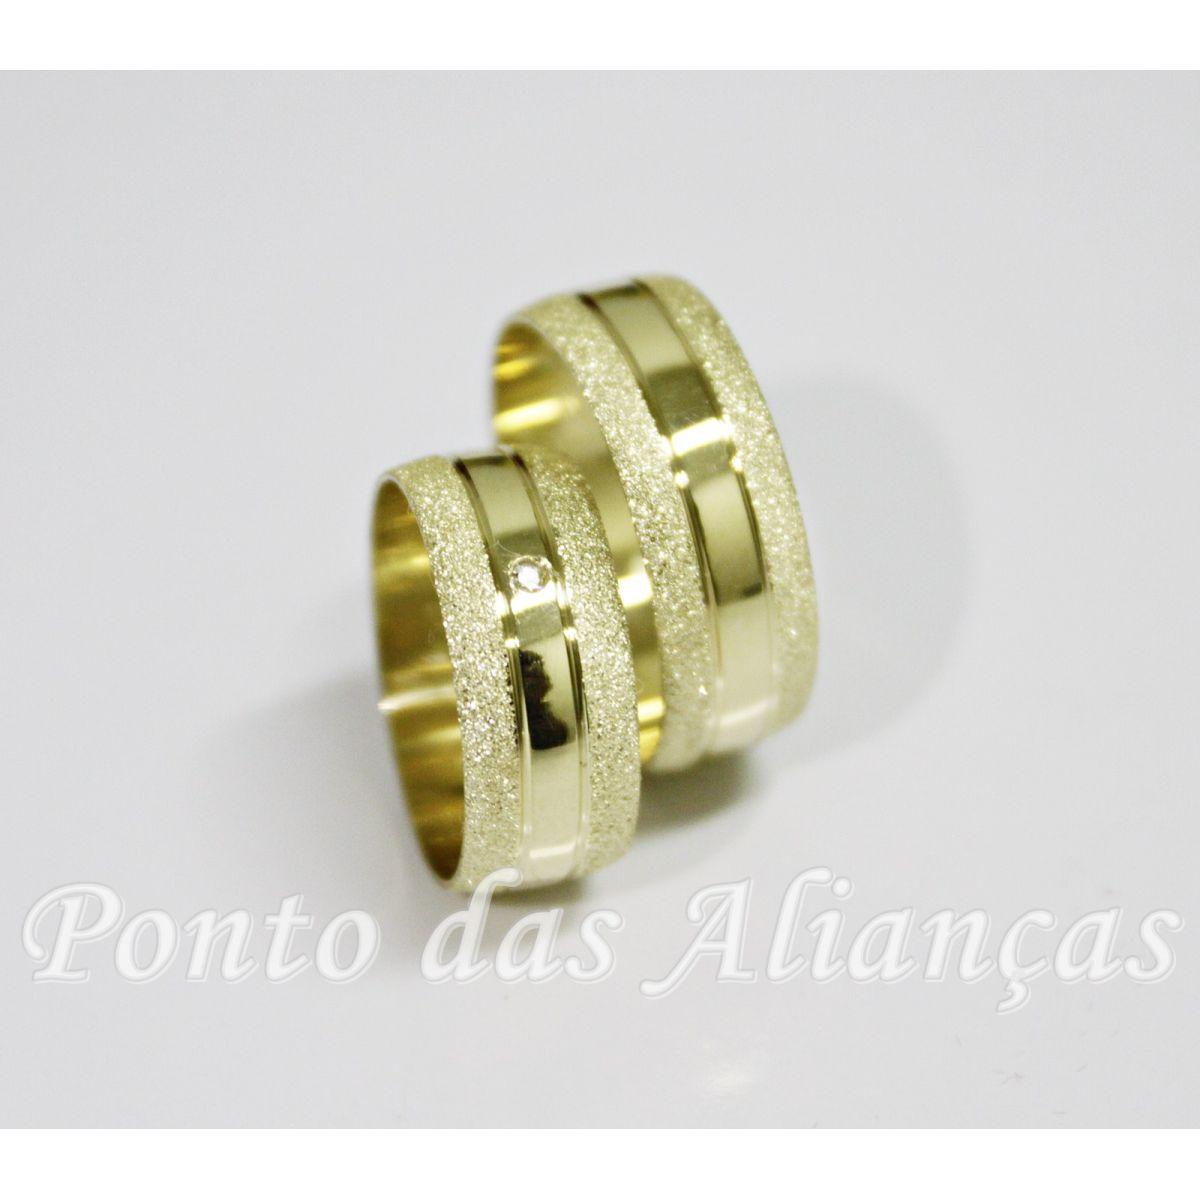 Alianças de Ouro Casamento ou Noivado -  3058